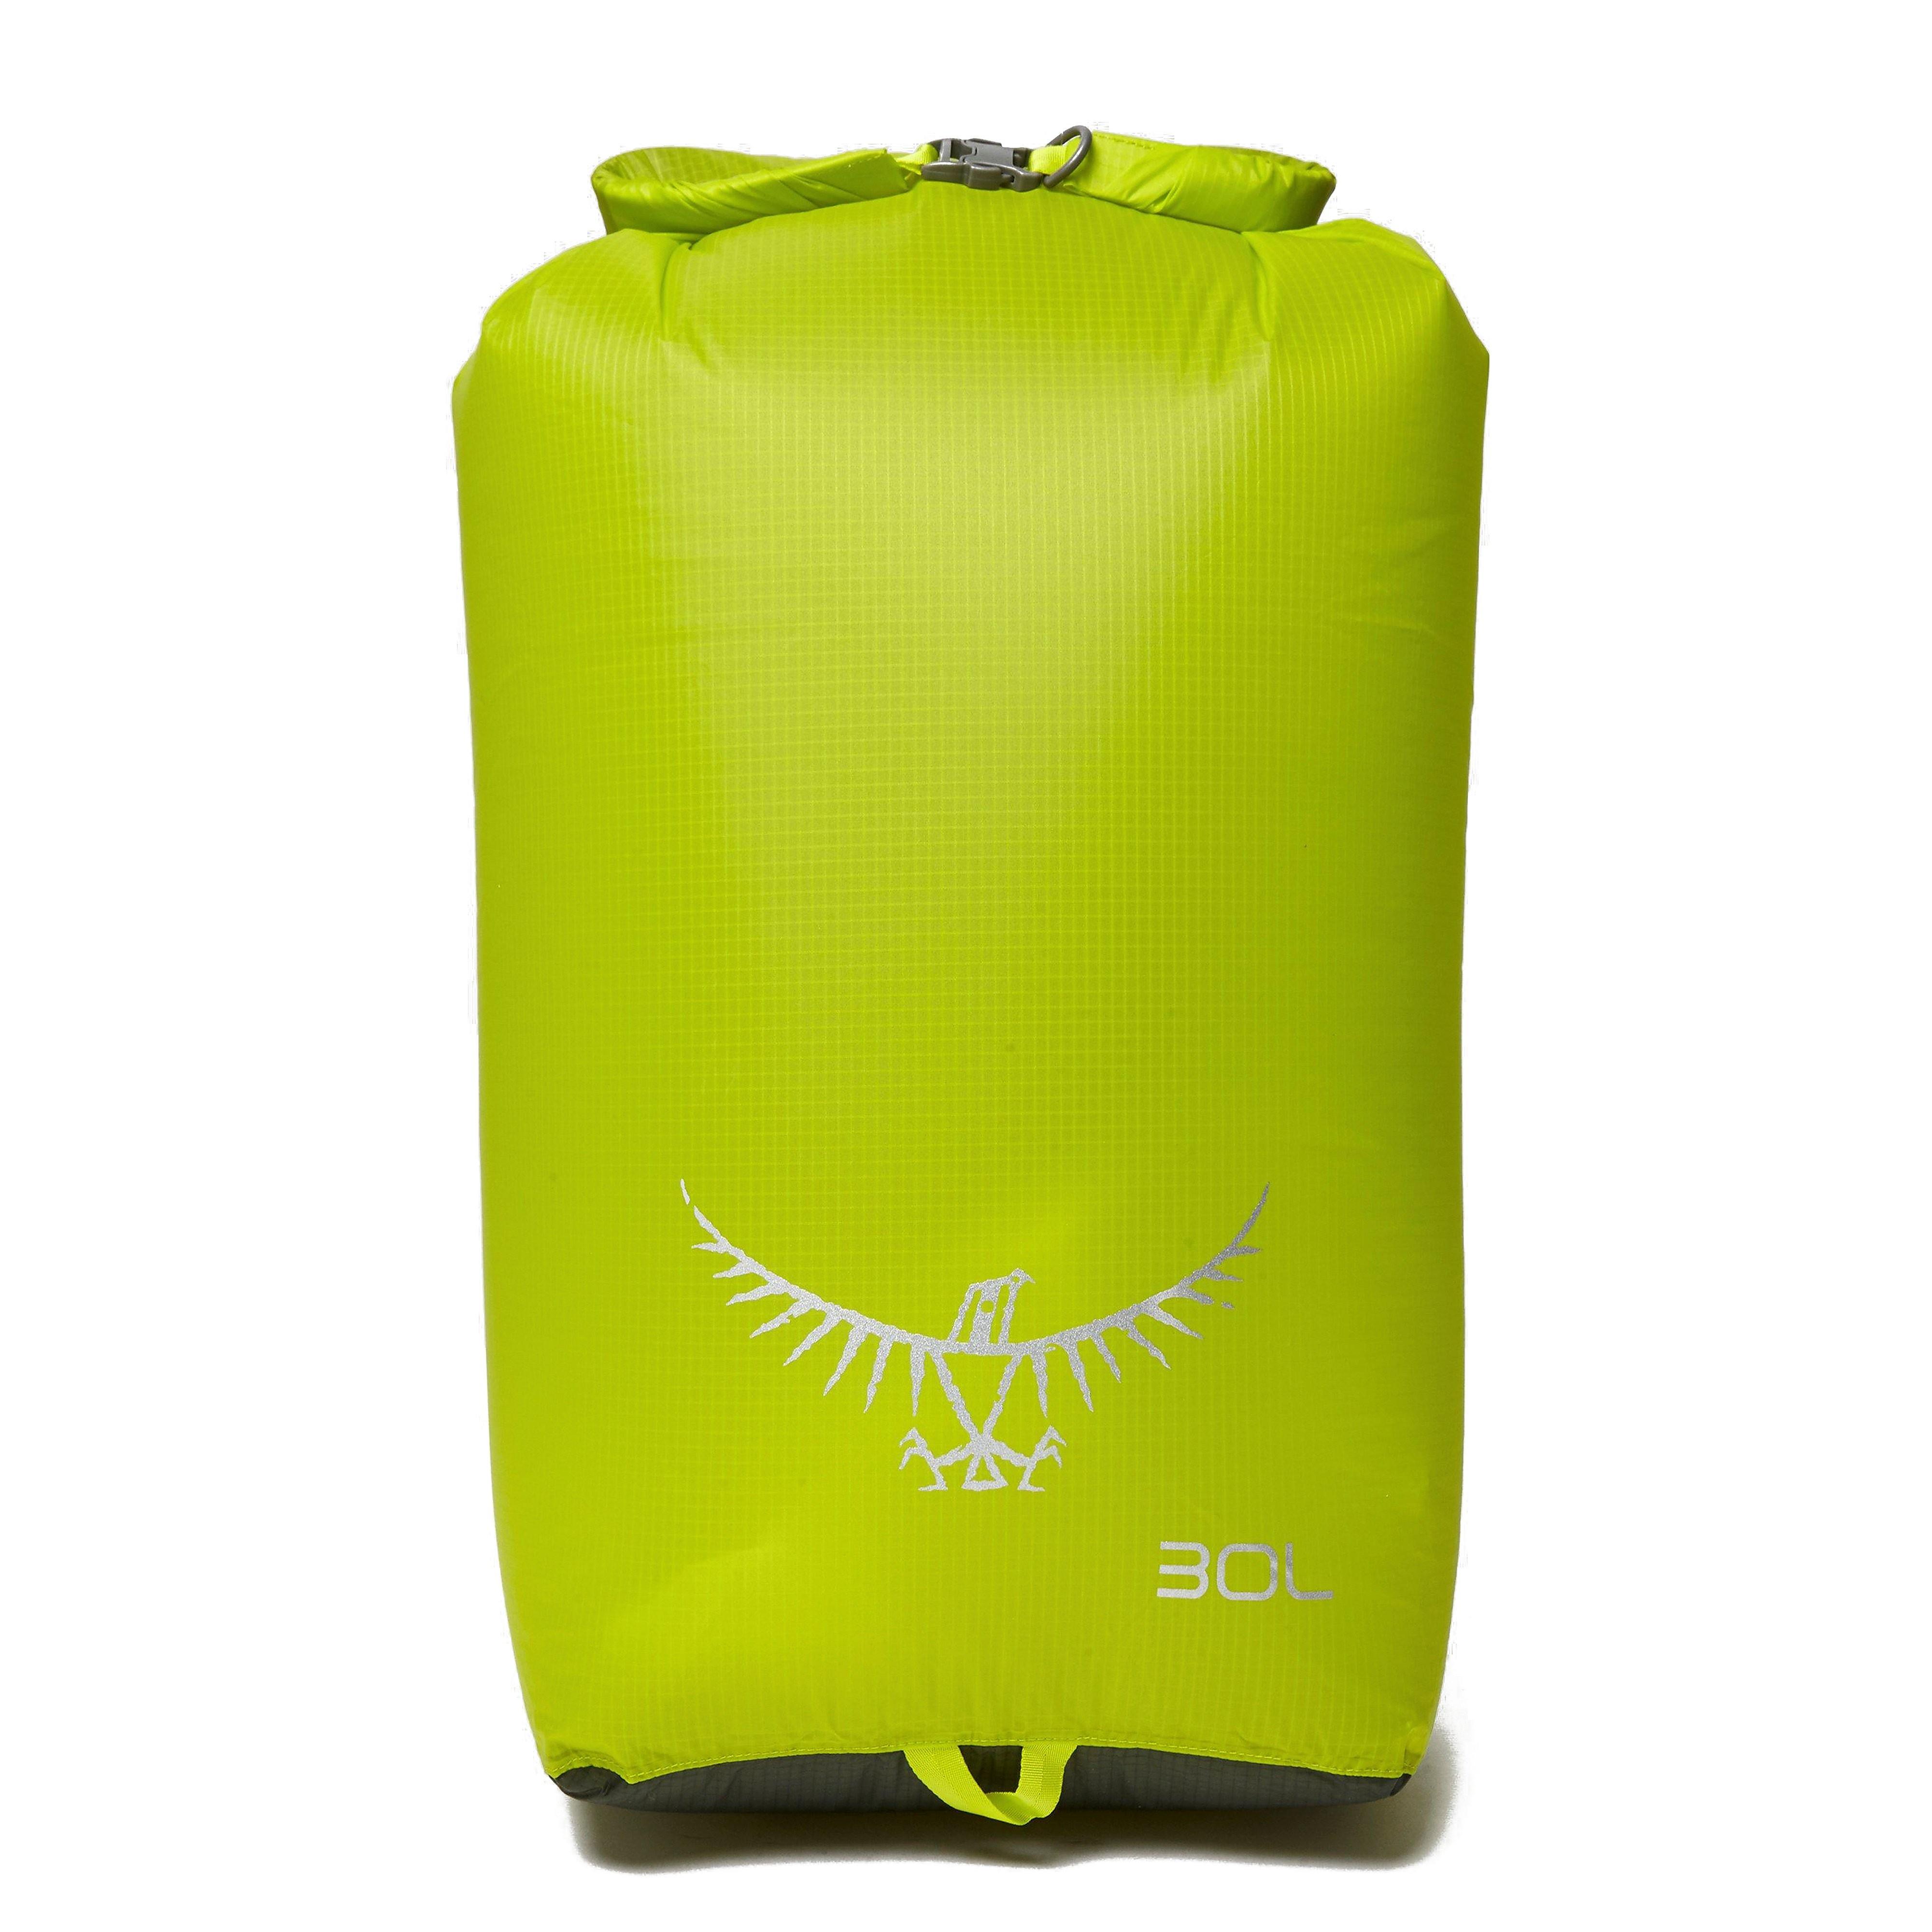 Osprey Ultralite Dry Sack 30L